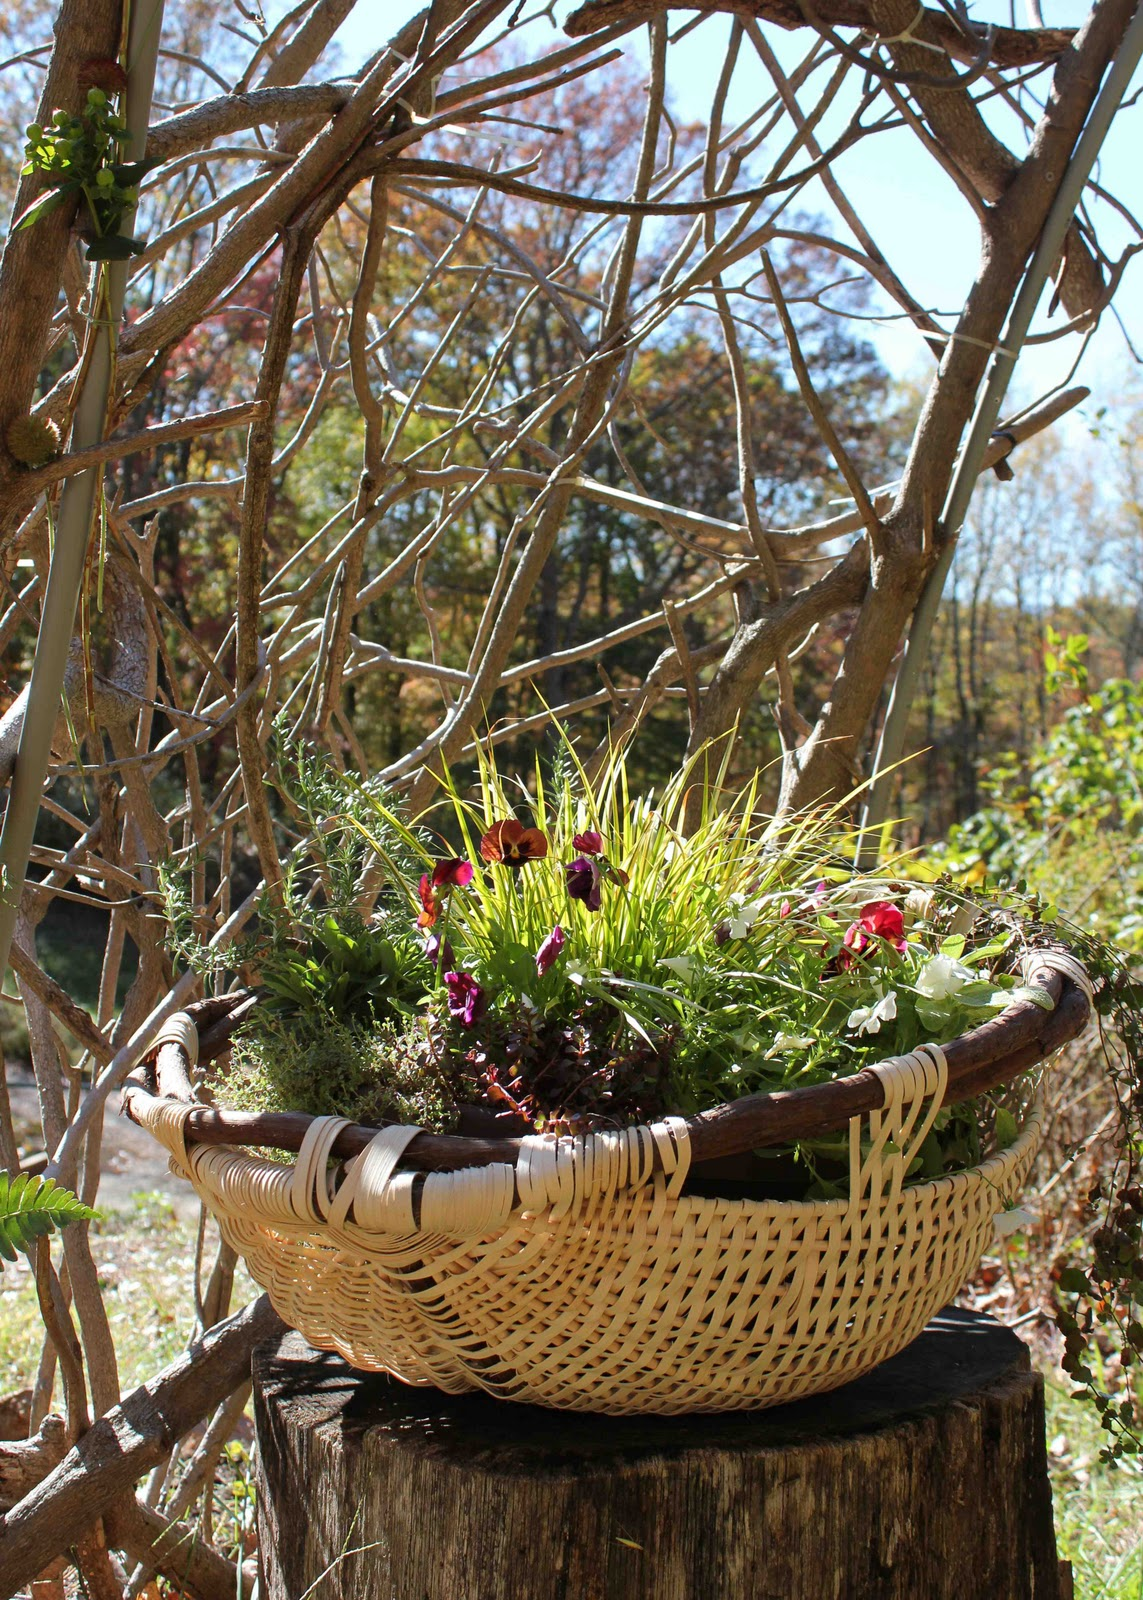 http://4.bp.blogspot.com/-JFaQ7QYXTFM/Tqhsxtprv6I/AAAAAAAAAyo/w8WZ0AX8RvE/s1600/basket.jpg